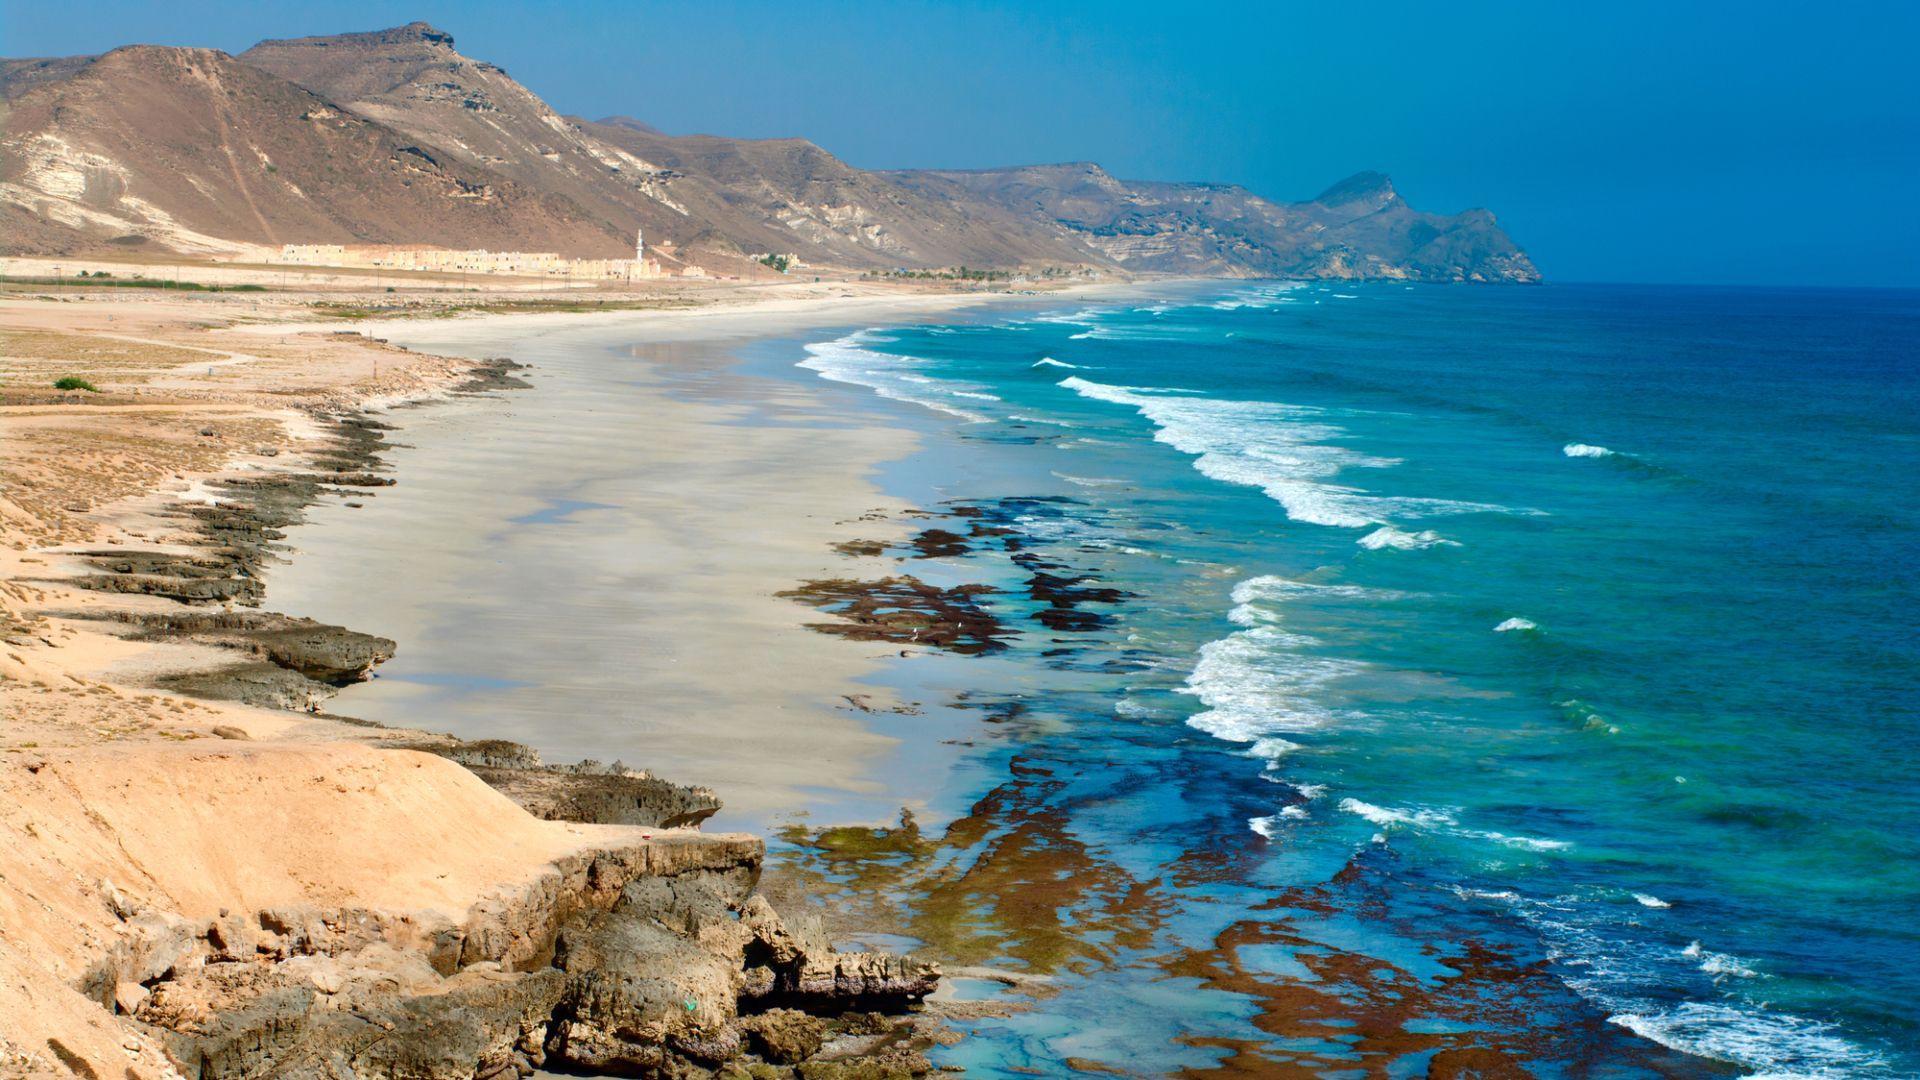 Atostogaudami Omane mėgaukitės gerais orais ir paplūdimio poilsiu